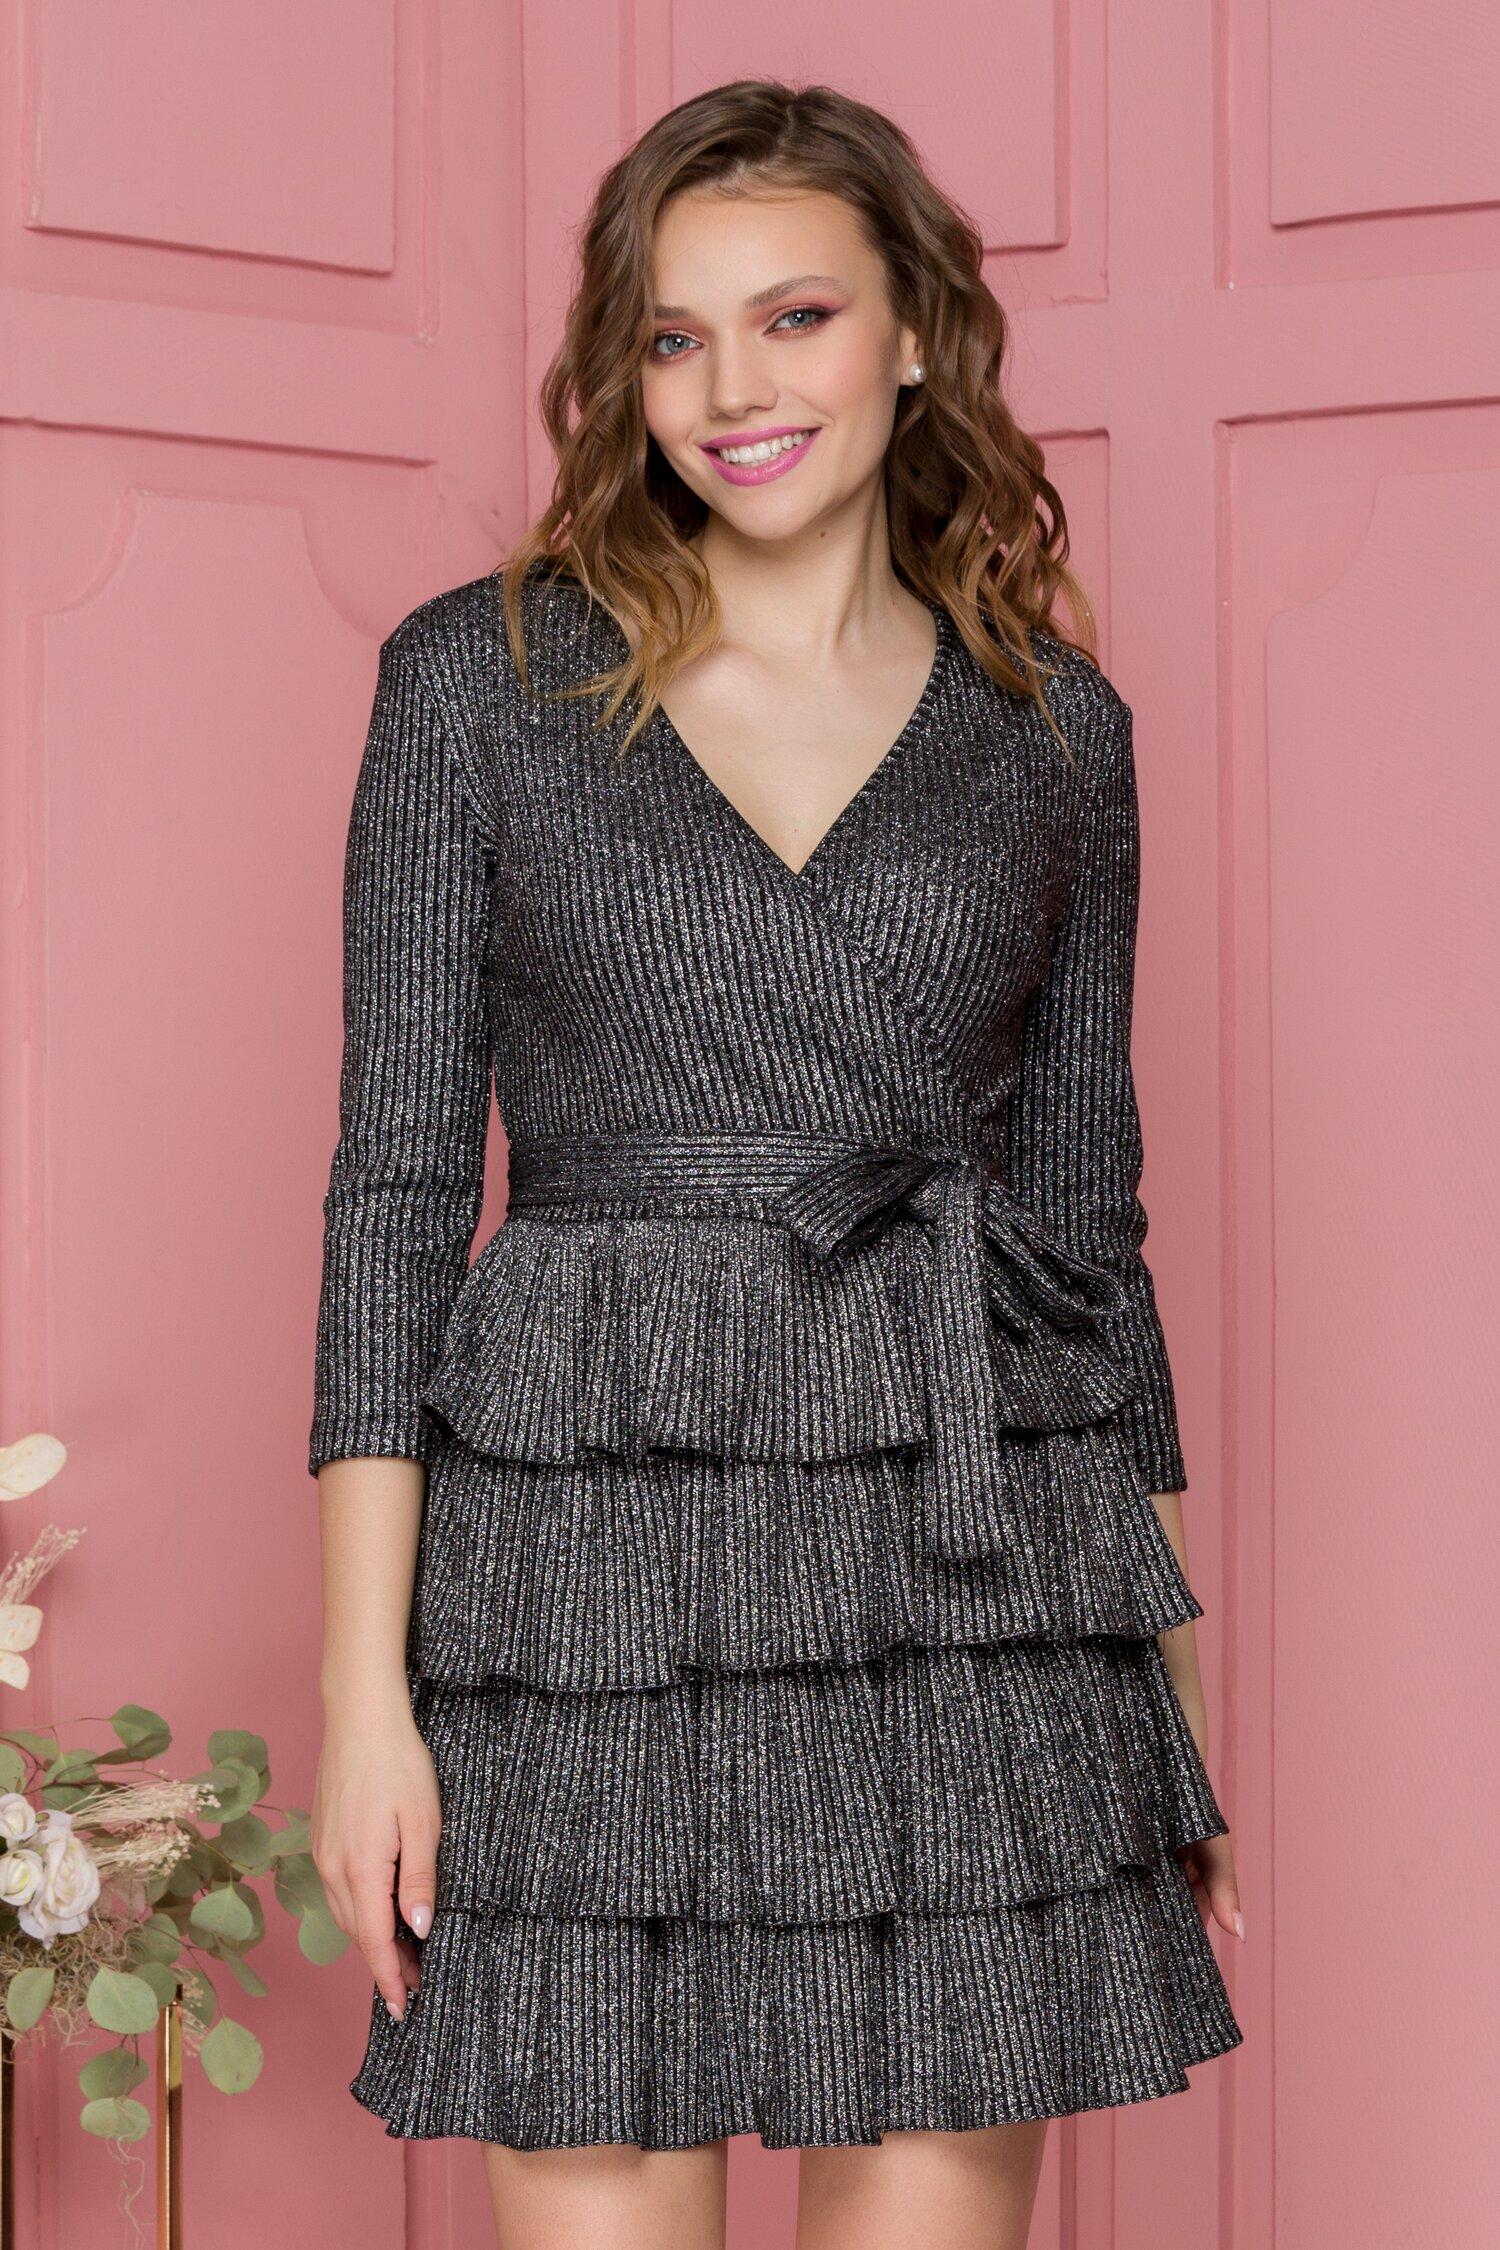 Rochie Alisa neagra tip tricot cu lurex argintiu si volane